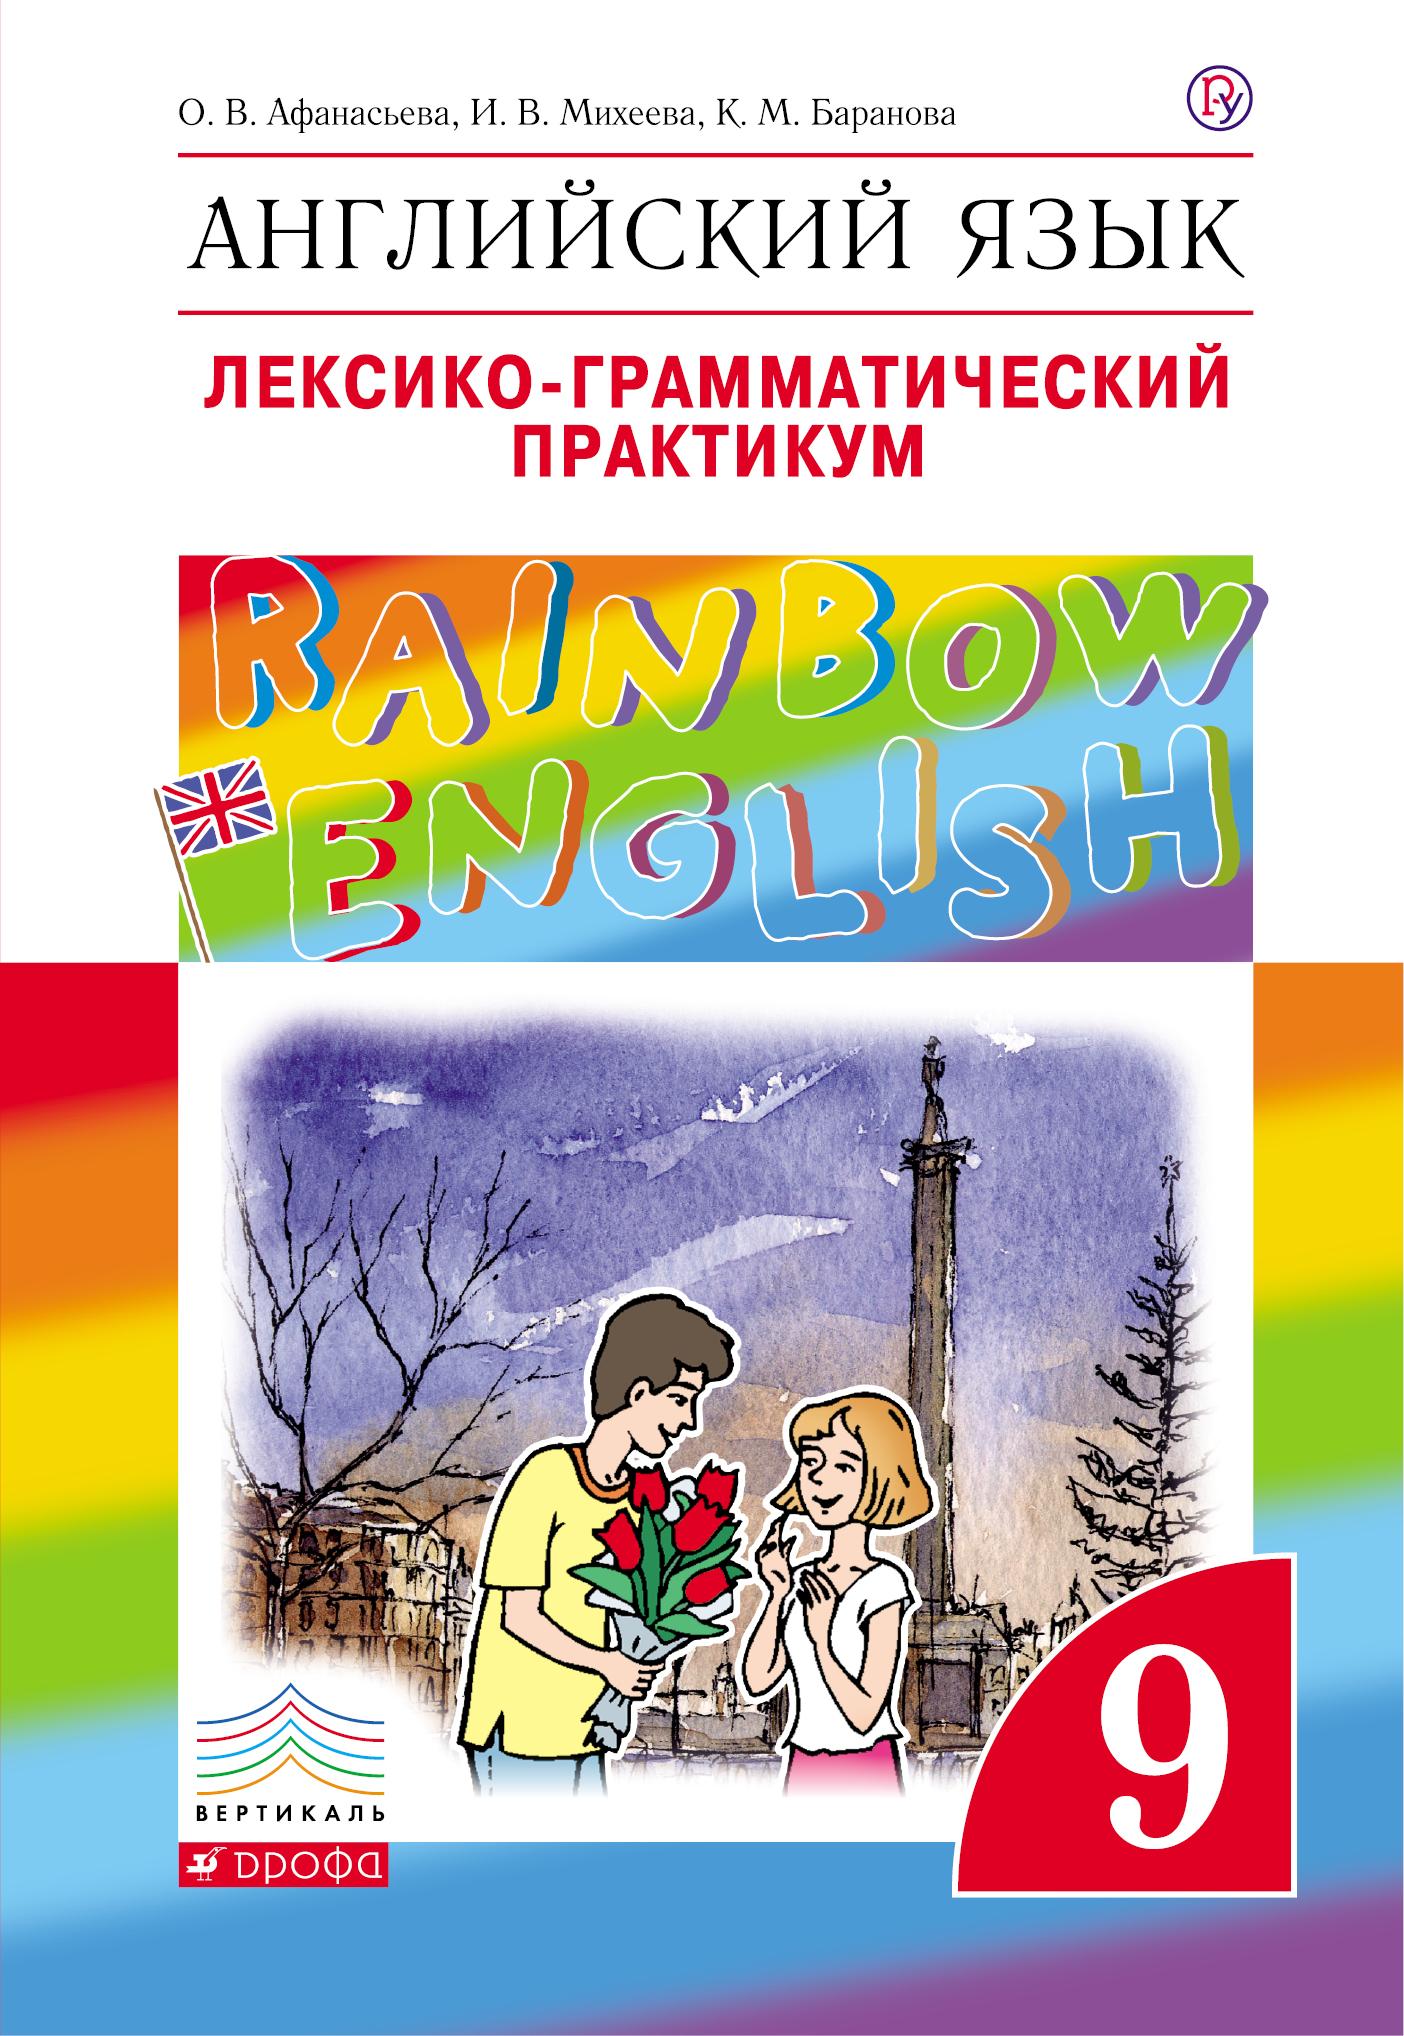 Синий учебник по английскому языку abt-intelgroupru